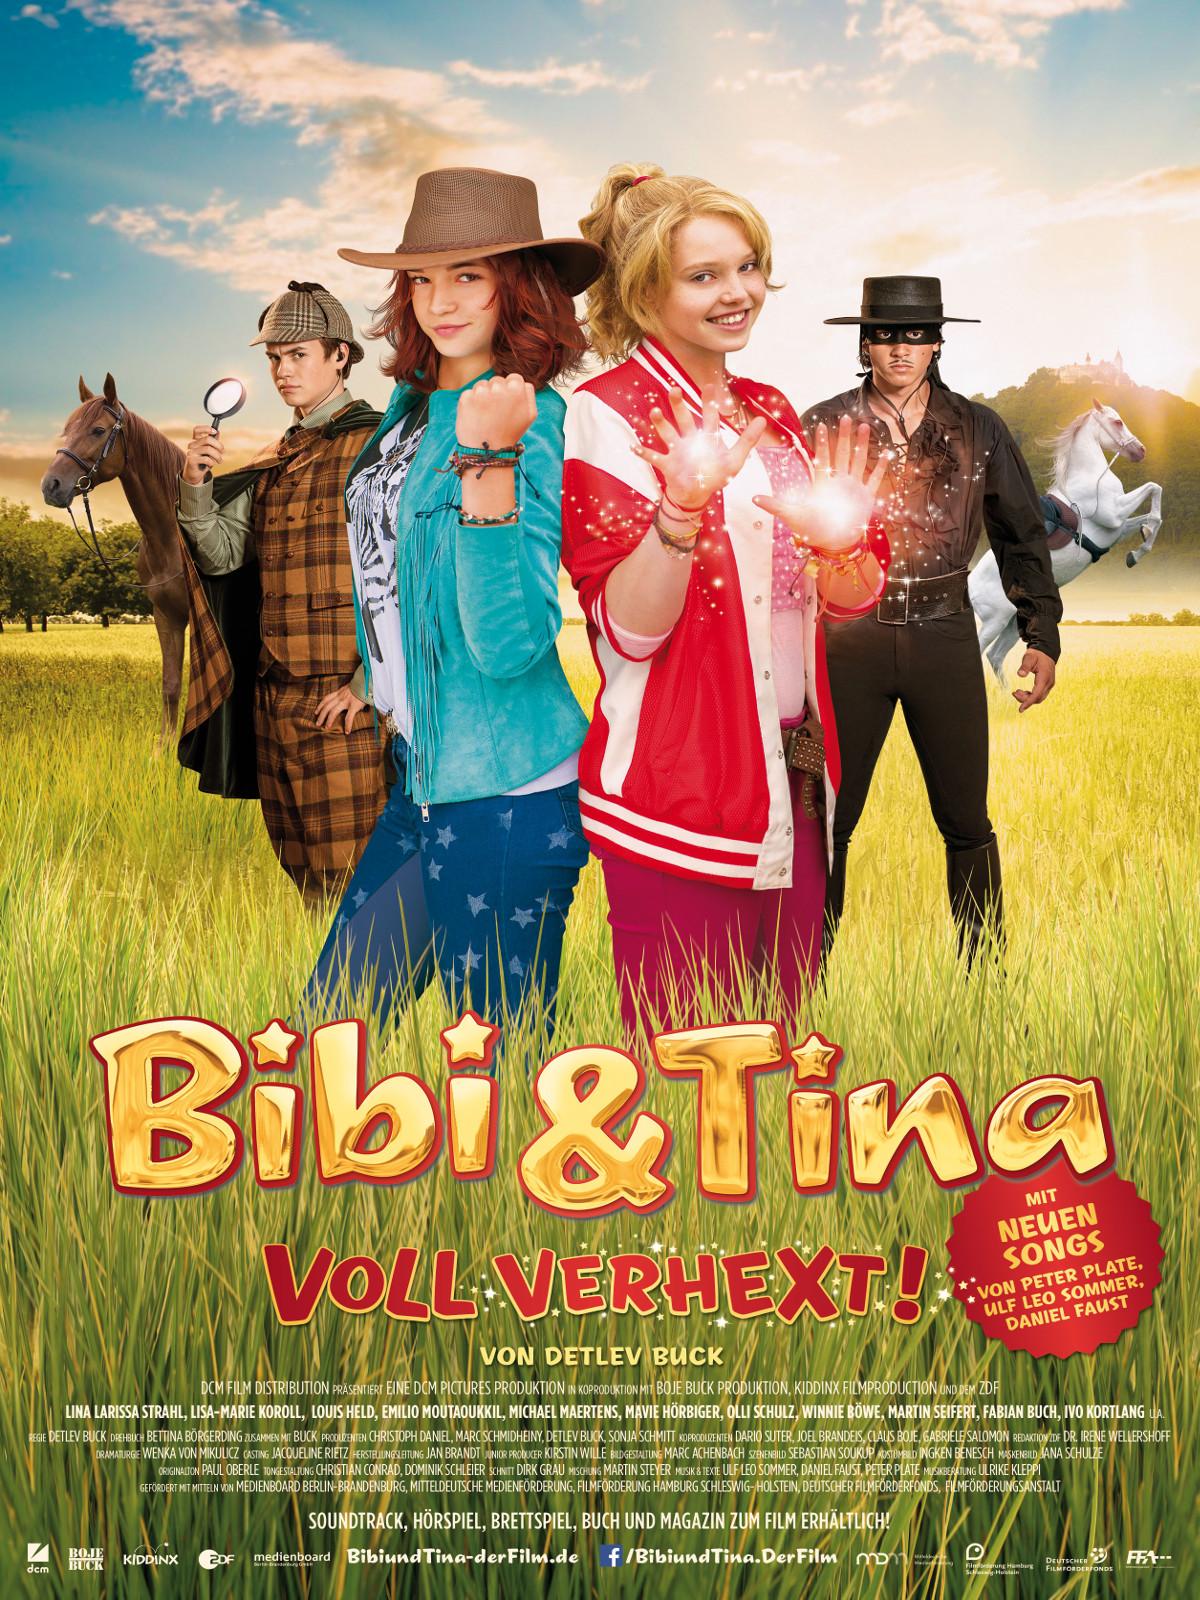 Bibi & Tina 2 - Voll verhext - Die Filmstarts-Kritik auf